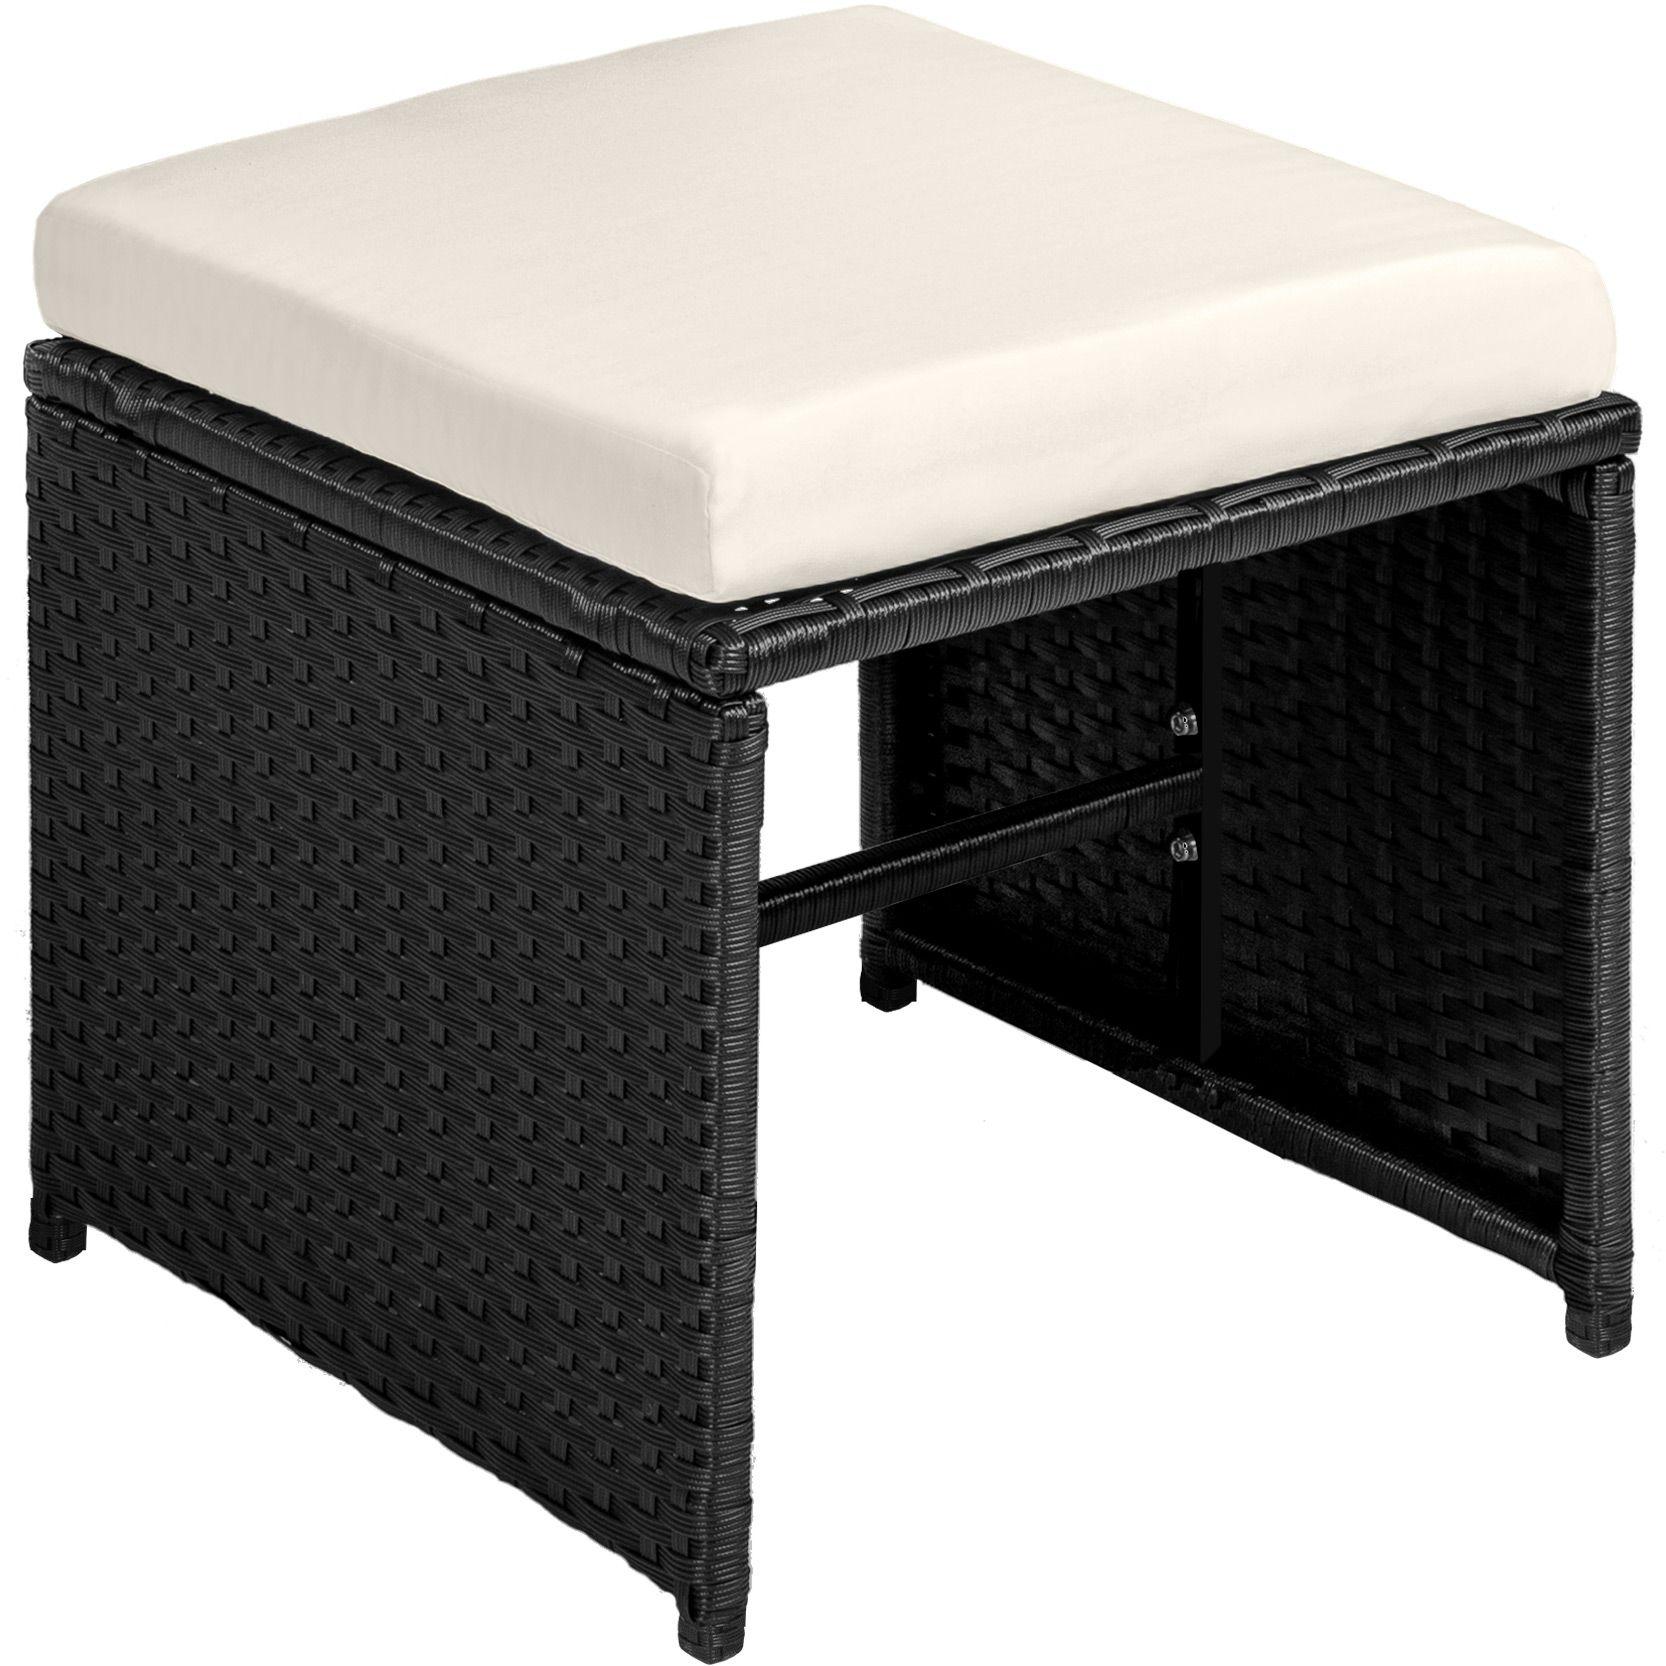 Conjunto muebles de jardín 8x silla taburetes mesa terraza ratán ...